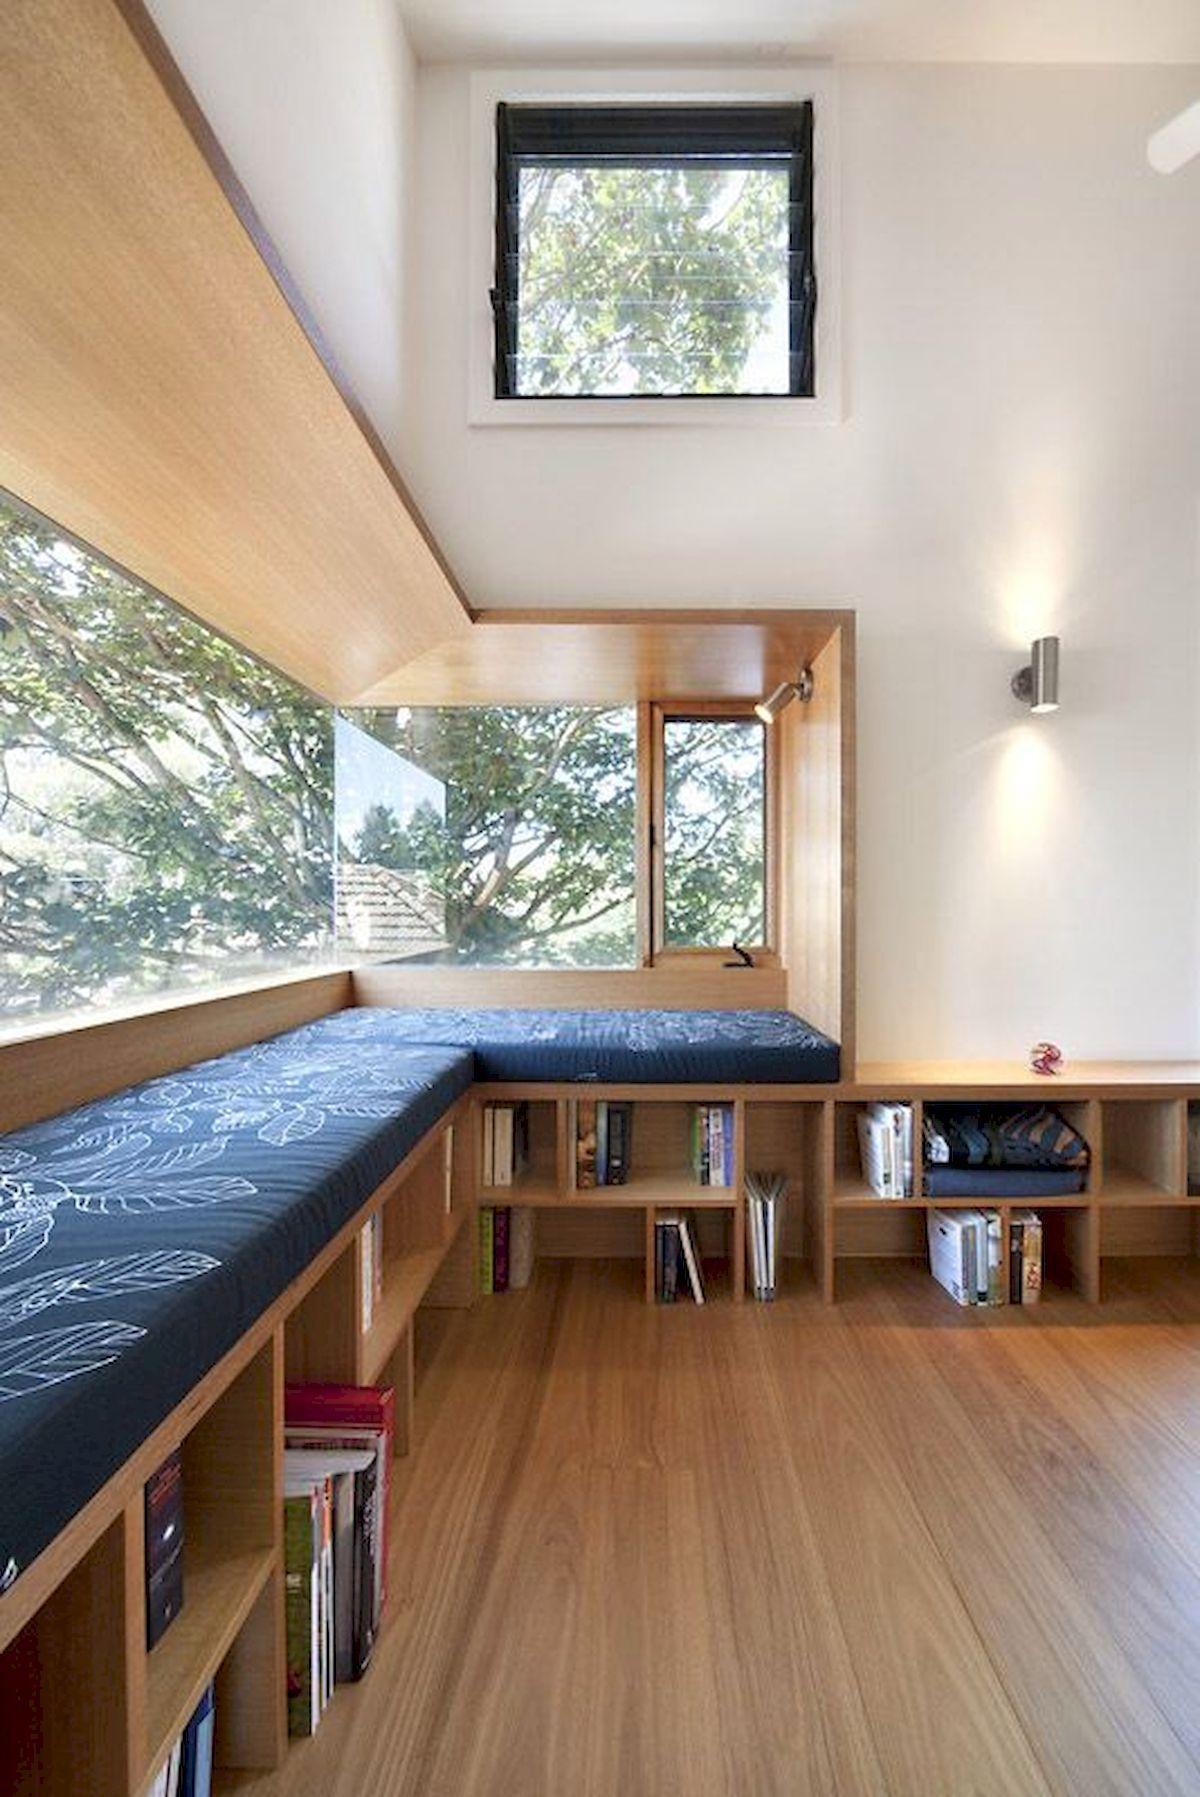 Watonmuni also best interior images in rh pinterest